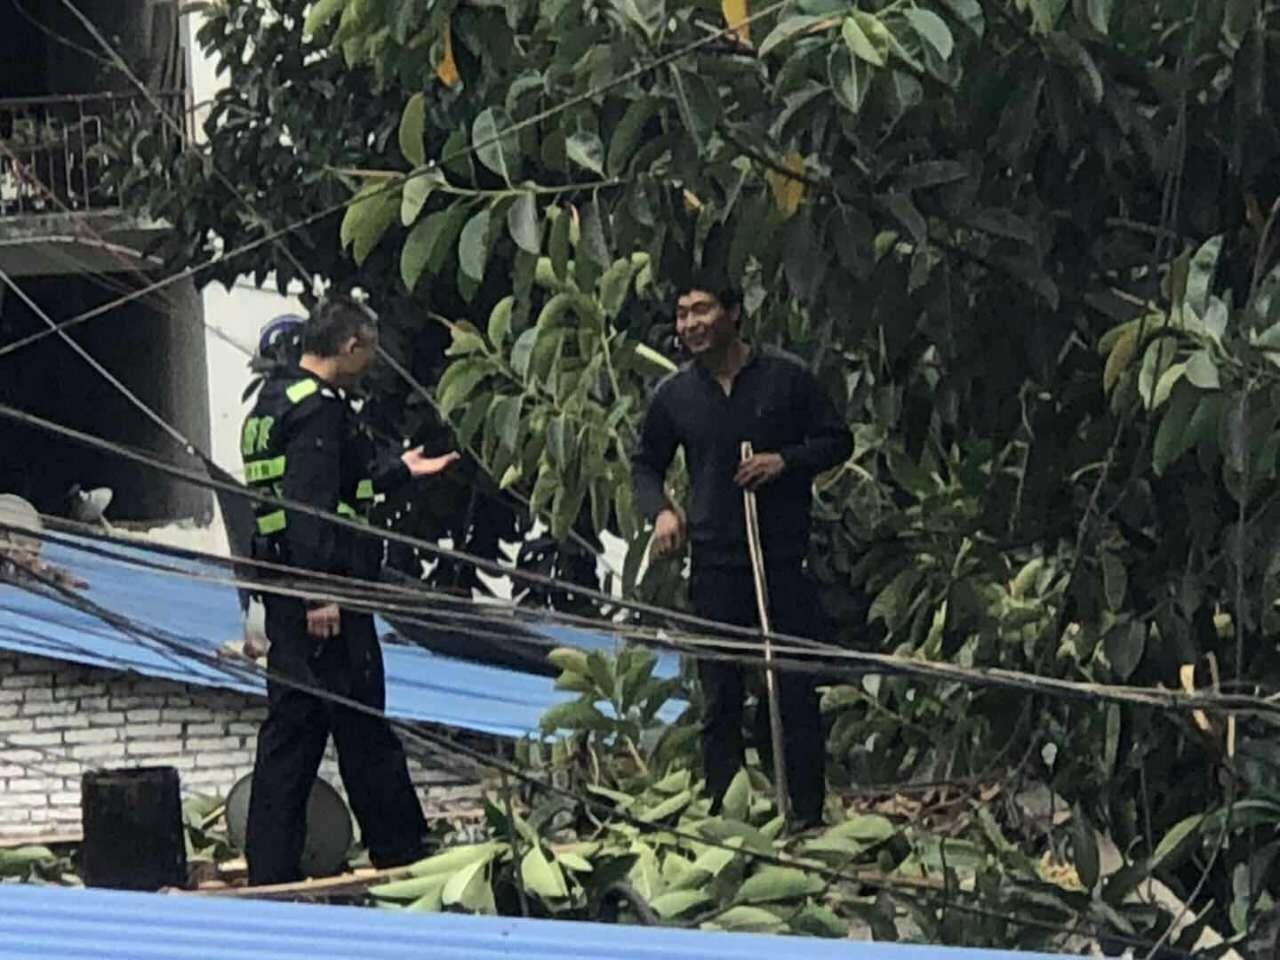 男子挥舞木棒要跳楼 20米高楼边民警用身体铸人墙